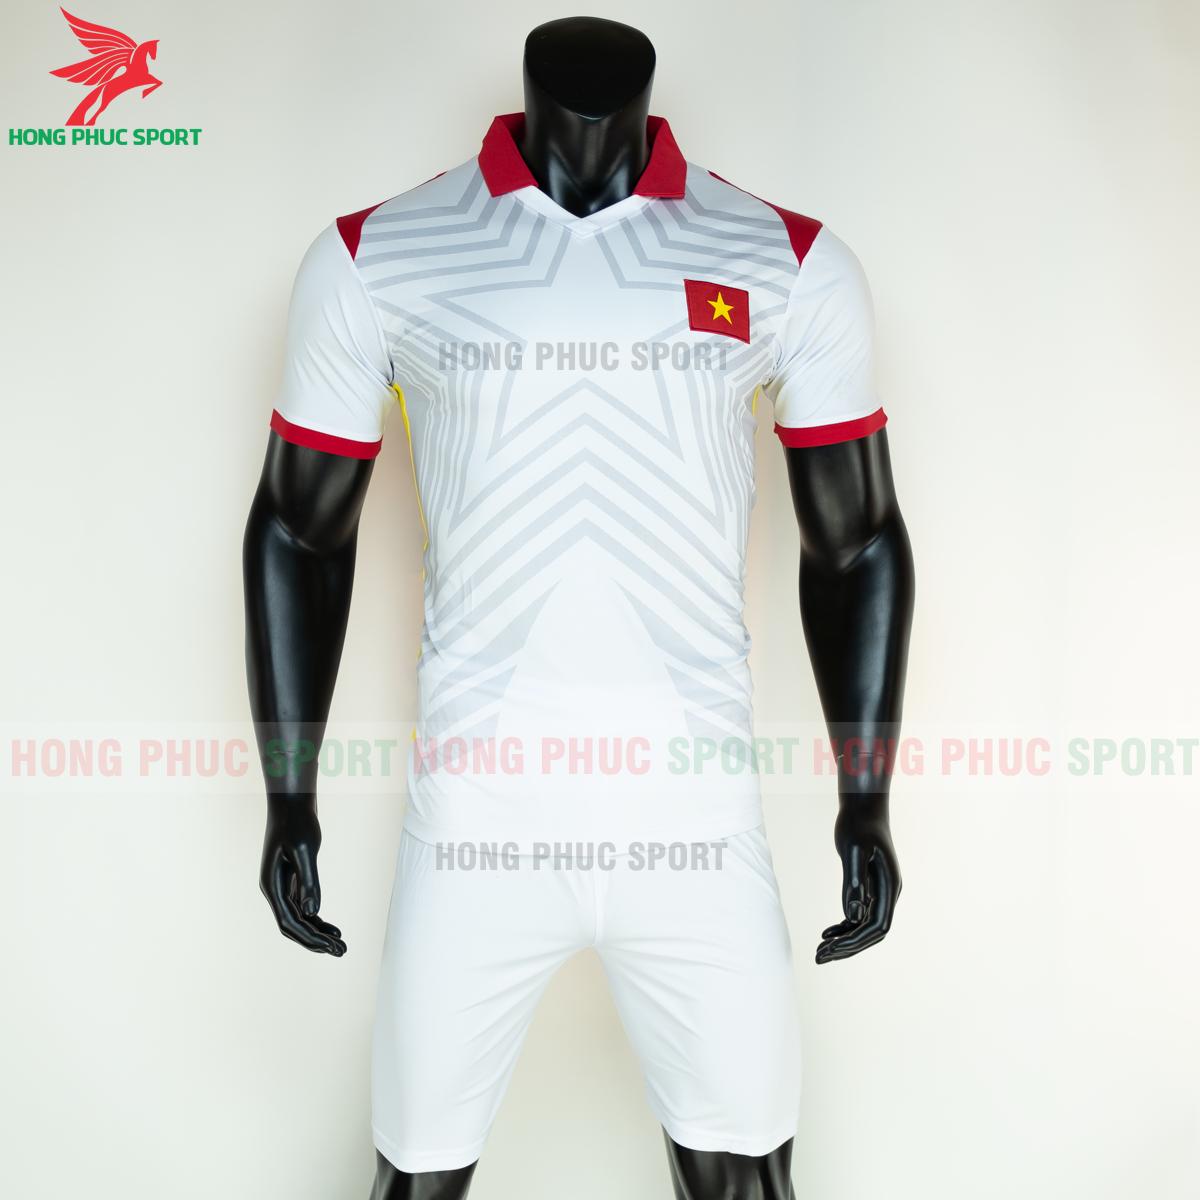 https://cdn.hongphucsport.com/unsafe/s4.shopbay.vn/files/285/ao-bong-da-tuyen-viet-nam-2021-san-khach-2-60503819bac5a.png